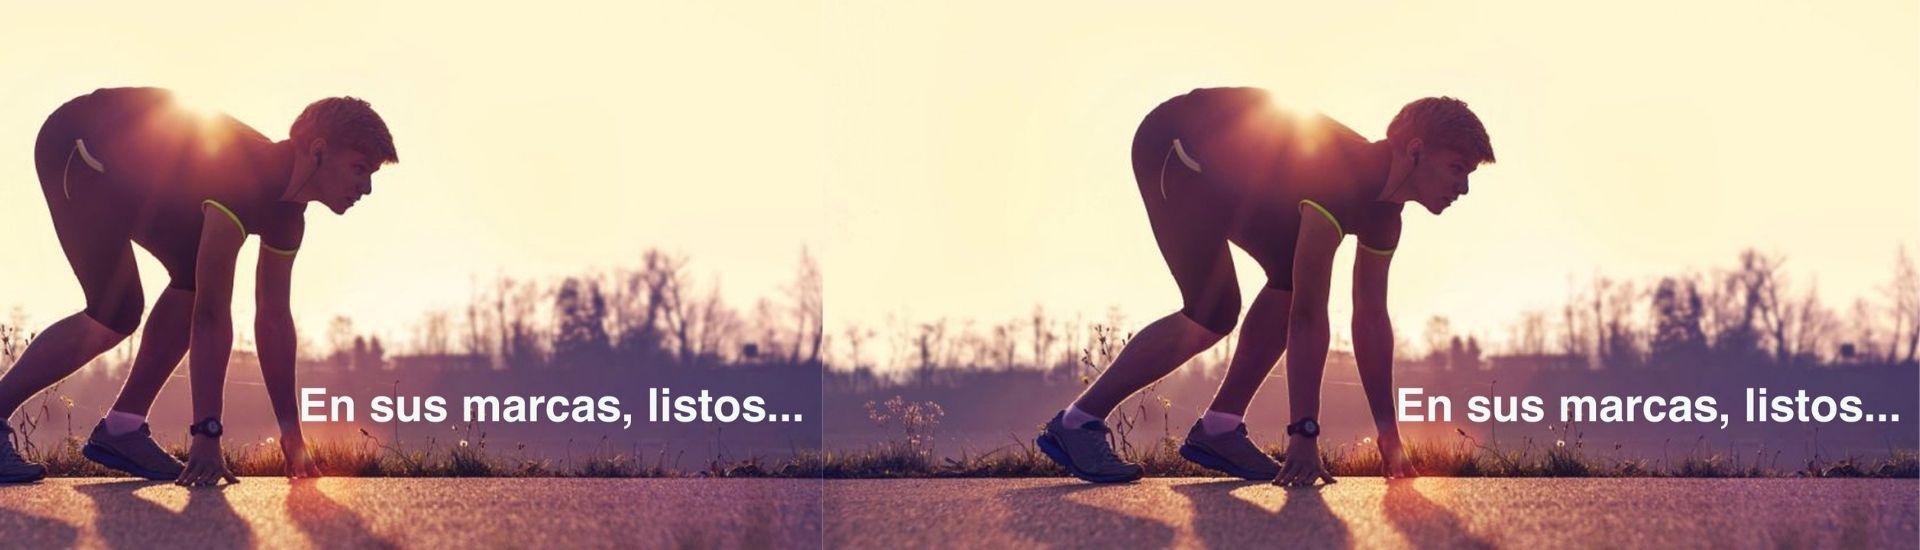 Fotografía de un deportista haciendo runnig